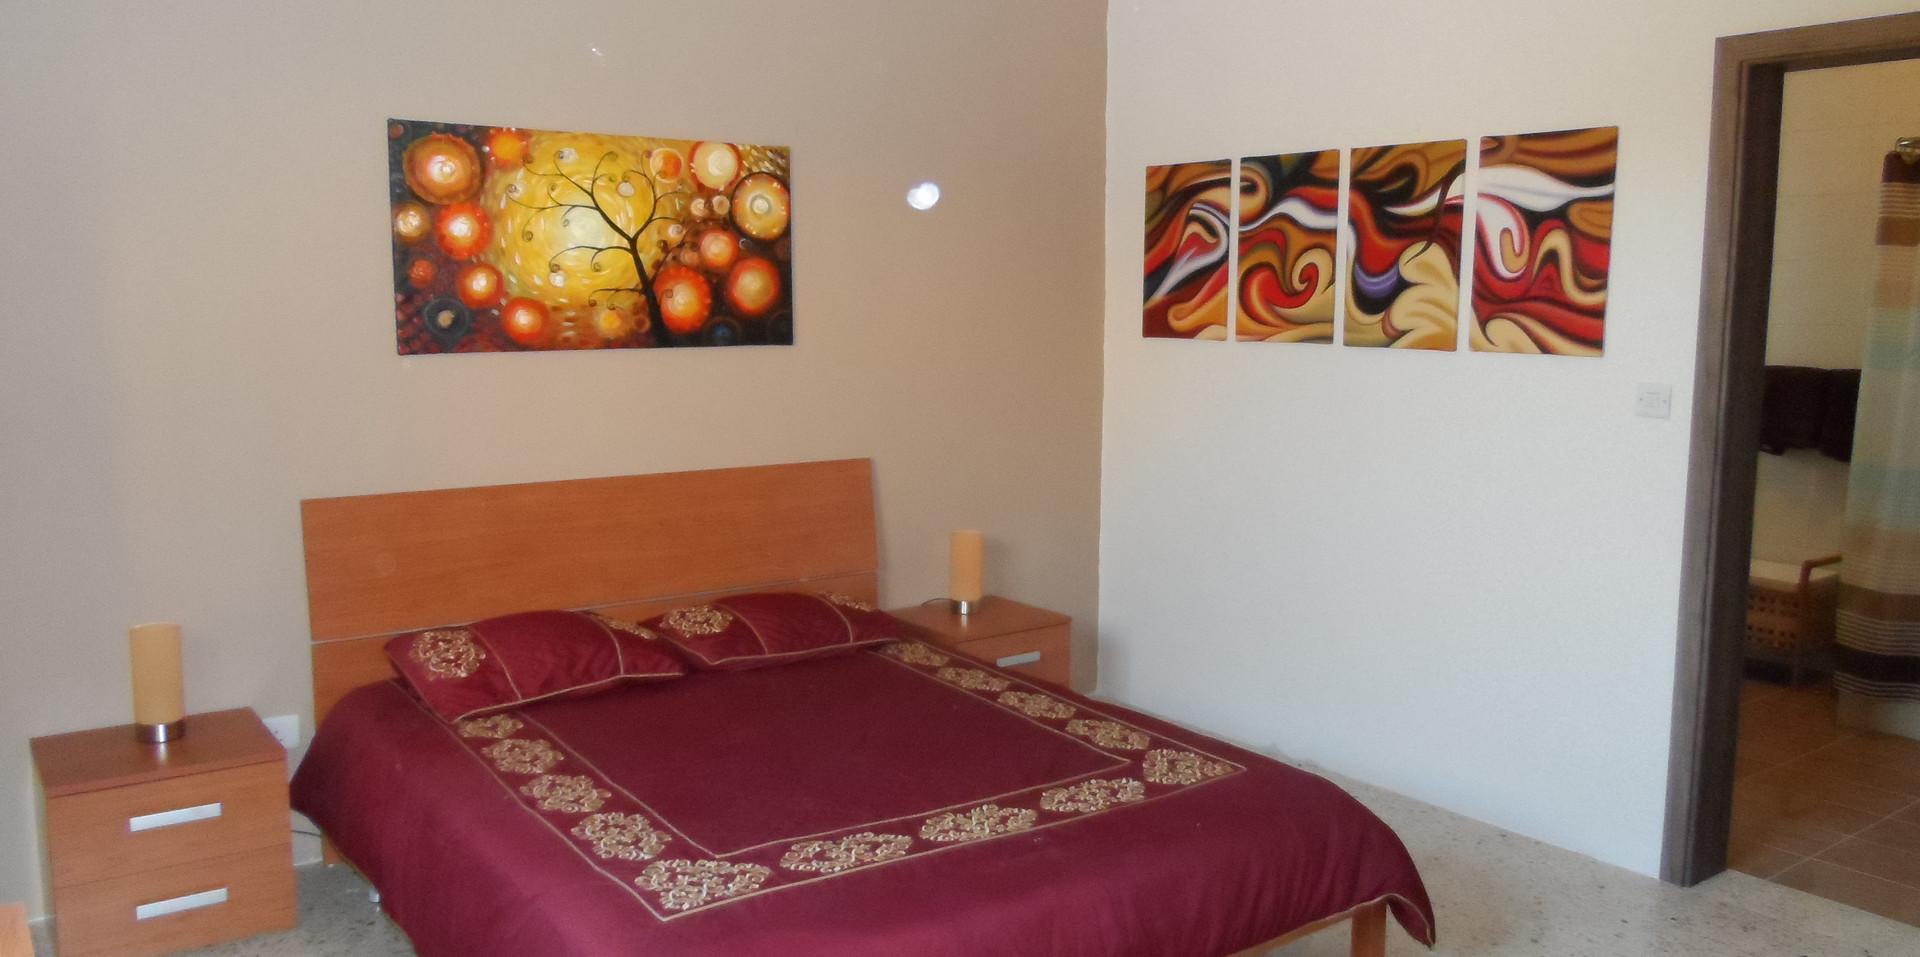 20 - Master Bedroom 1.JPG